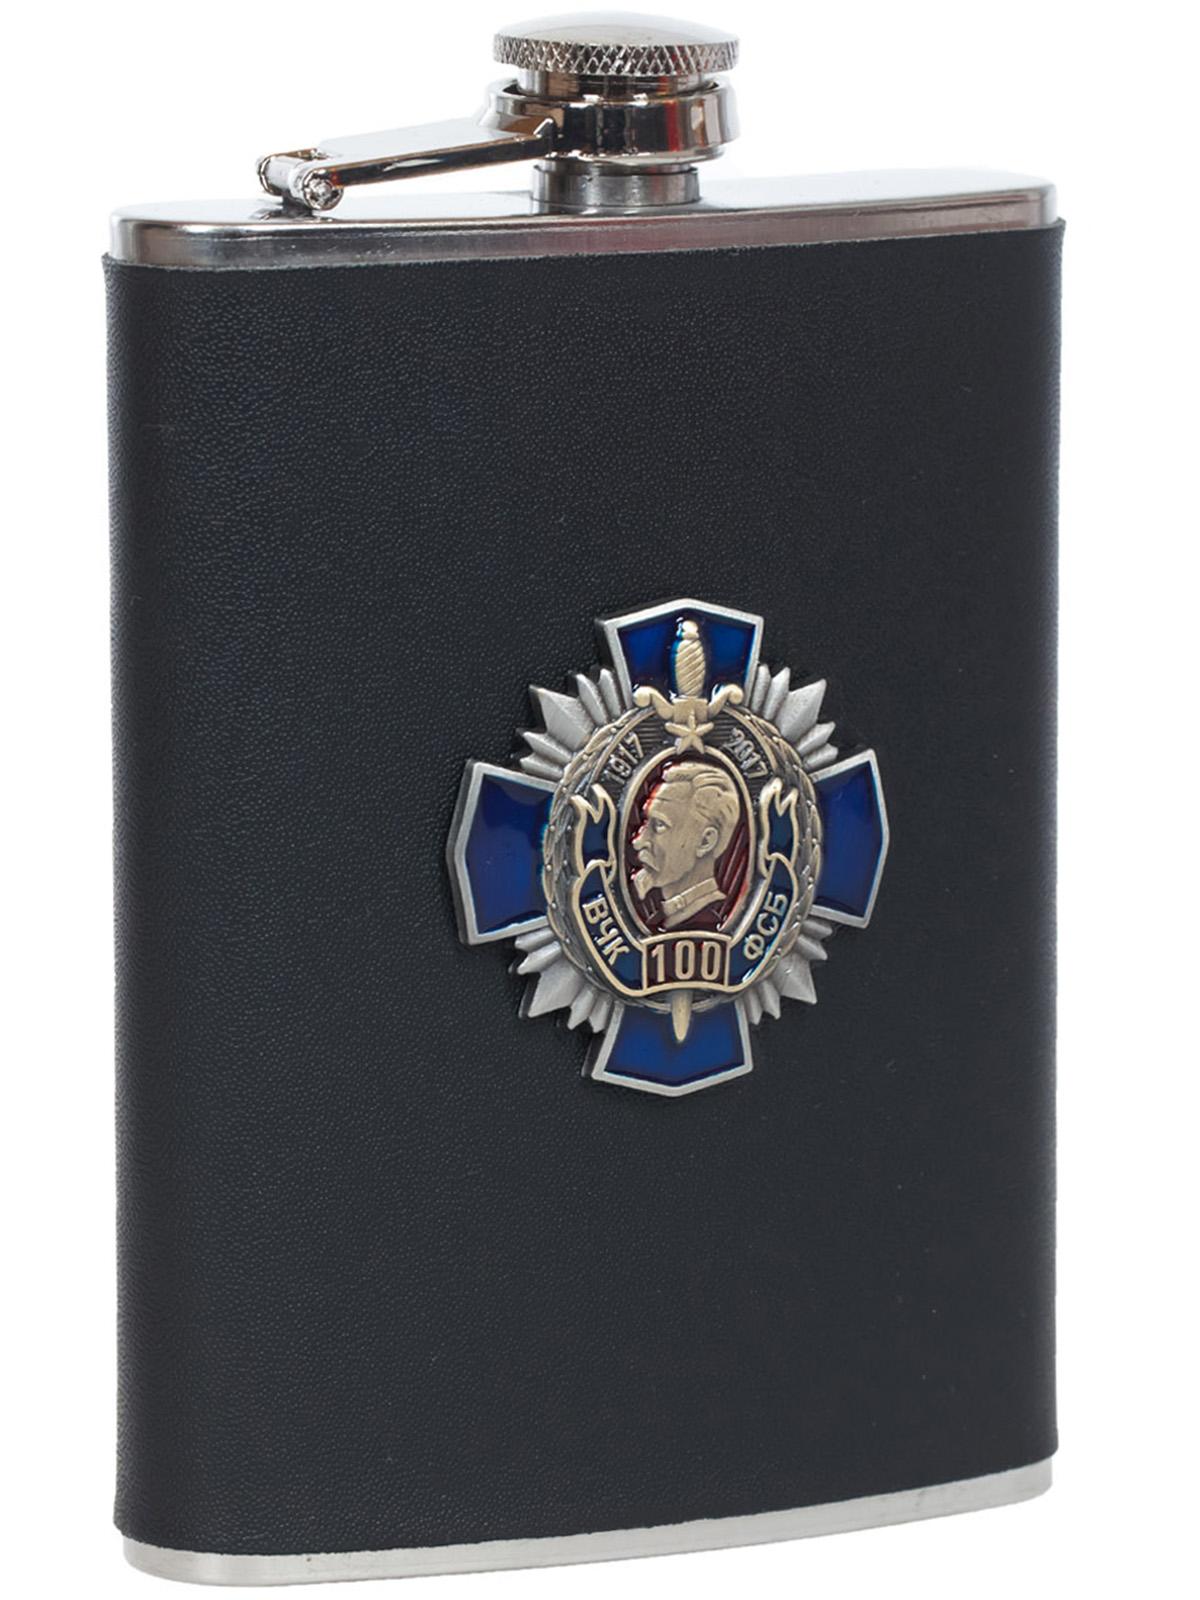 Заказать карманную фляжку ФСБ (обтянутая кожей, металлическая накладка)